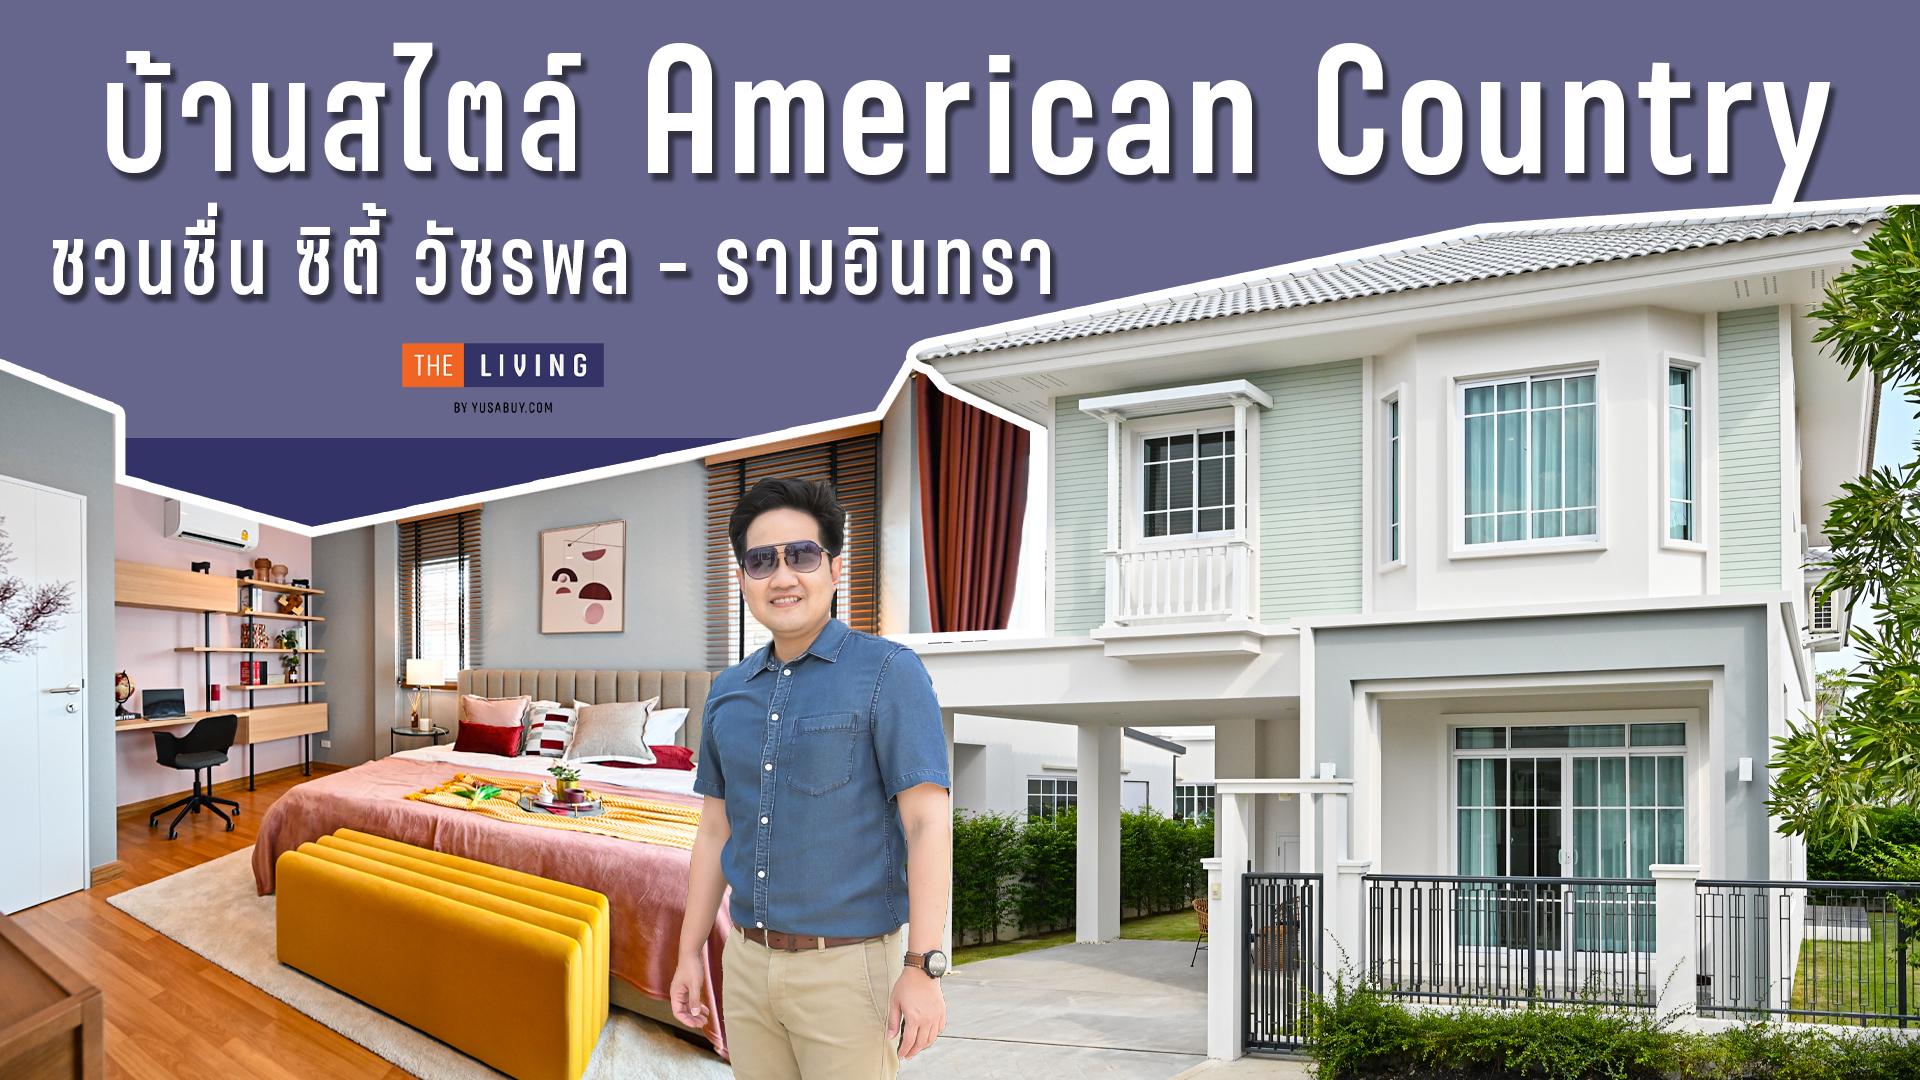 """พาชมโครงการ """"ชวนชื่น ซิตี้ วัชรพล-รามอินทรา"""" (Chuan Chuen City Watcharapol-Ramintra) บ้านเดี่ยวสไตล์ American Country จากมั่นคงเคหะการ"""